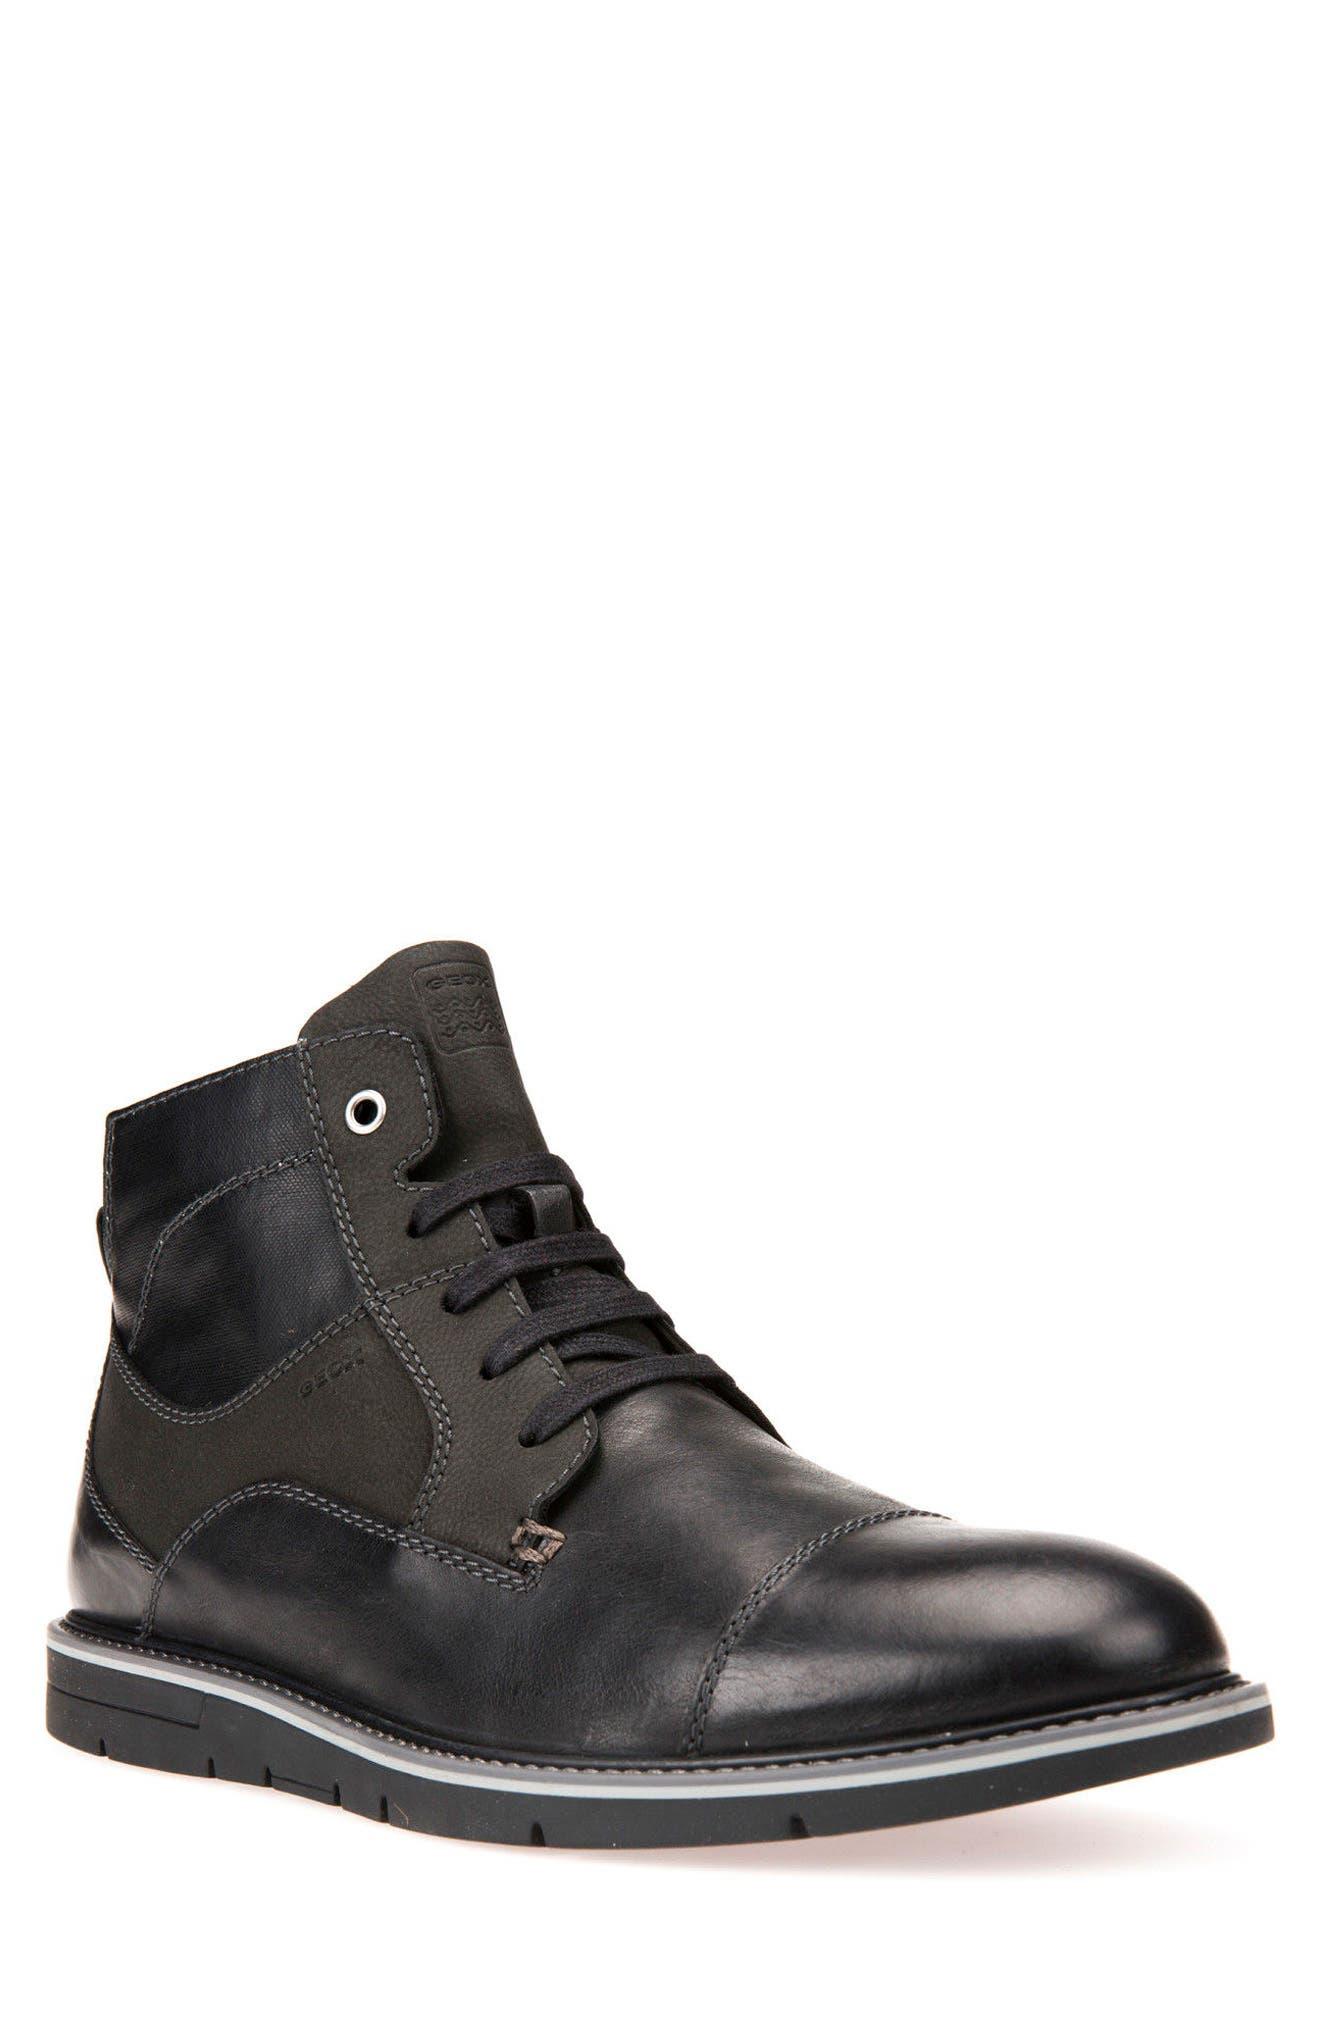 Main Image - Geox Muvet 5 Cap Toe Boot (men)